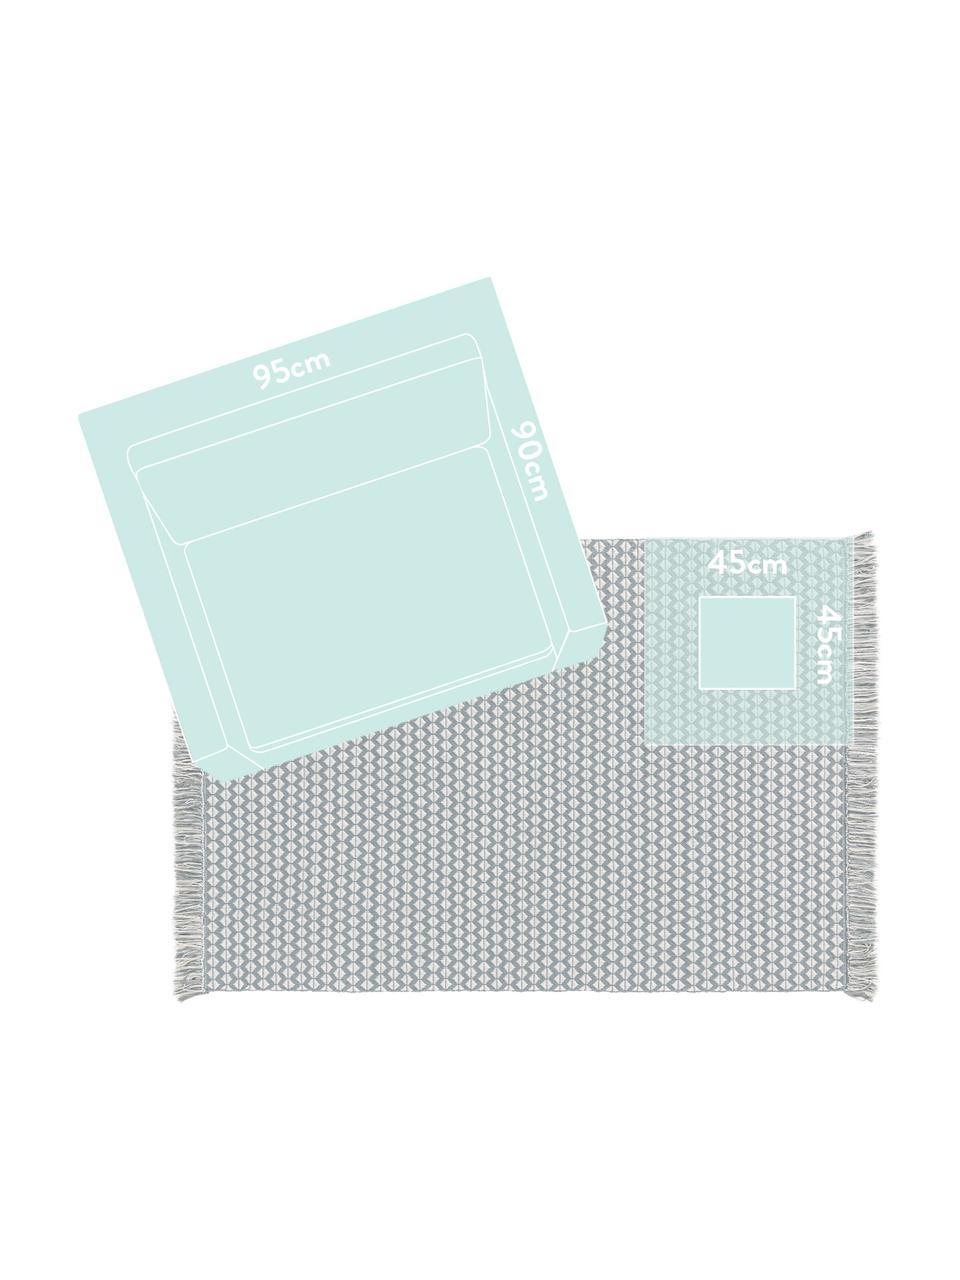 Dywan wewnętrzny/zewnętrzny z frędzlami w stylu etno Morty, 100% poliester (tworzywo PET z recyklingu), Niebieski, złamana biel, S 80 x D 150 cm (Rozmiar XS)